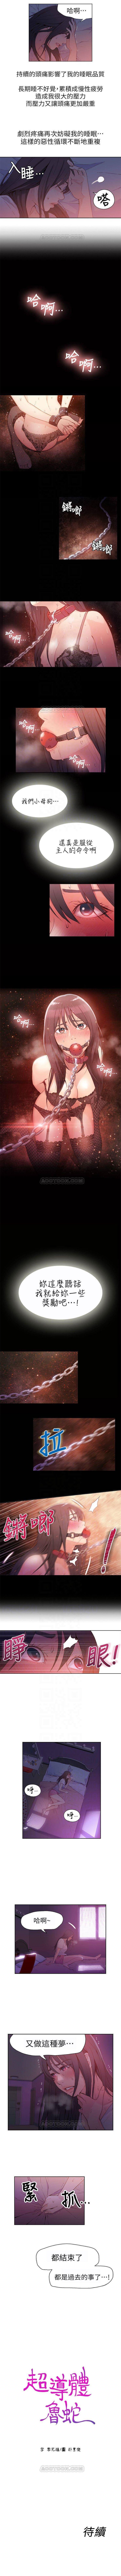 (周7)超导体鲁蛇(超级吸引力) 1-17 中文翻译(更新中) 65